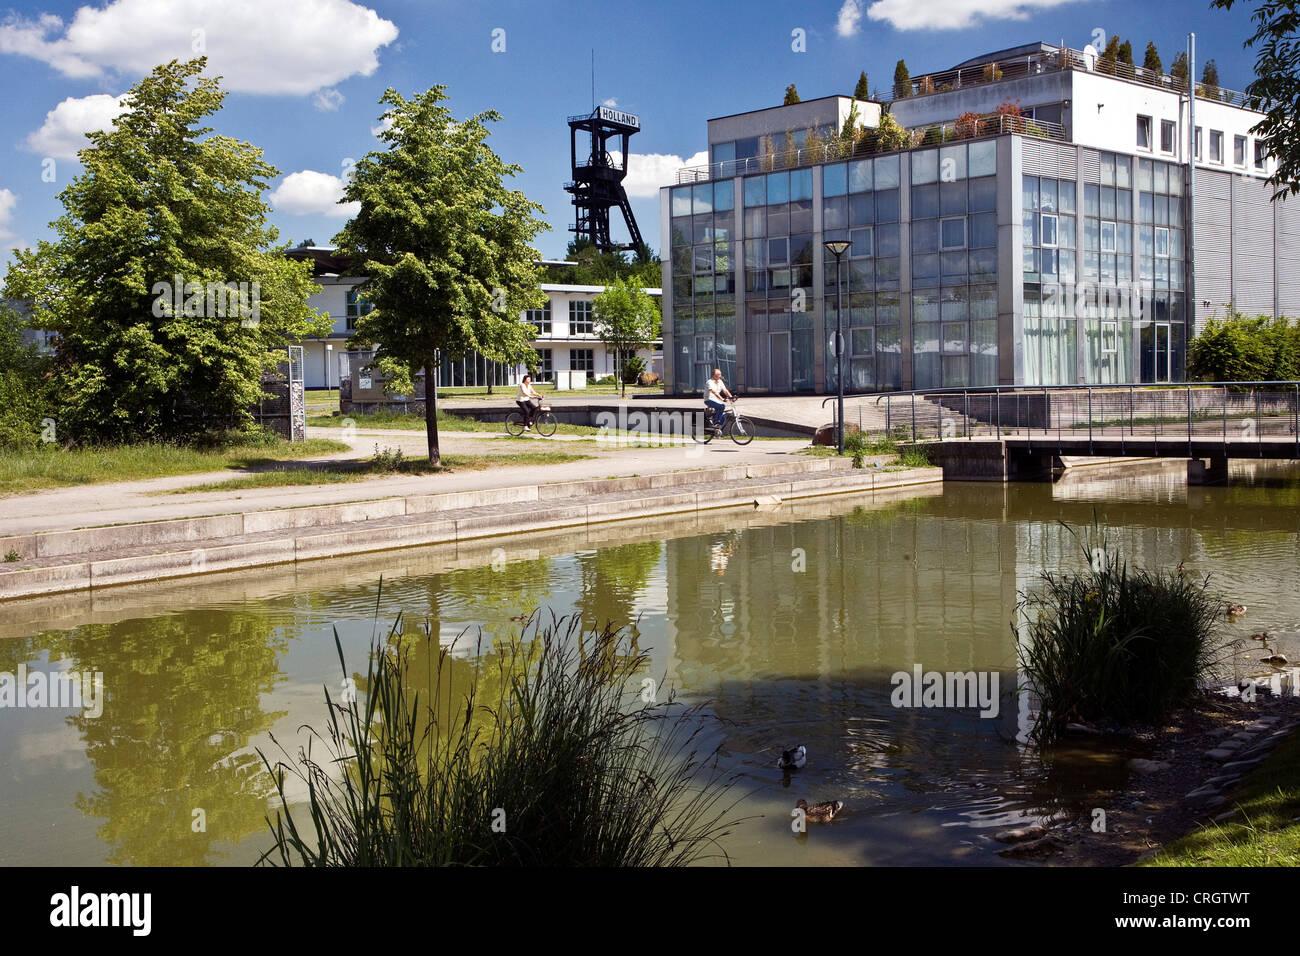 neues gewerbegebiet in bochum wattenscheid mit den f rderturm der ehemaligen kohle mine holland. Black Bedroom Furniture Sets. Home Design Ideas